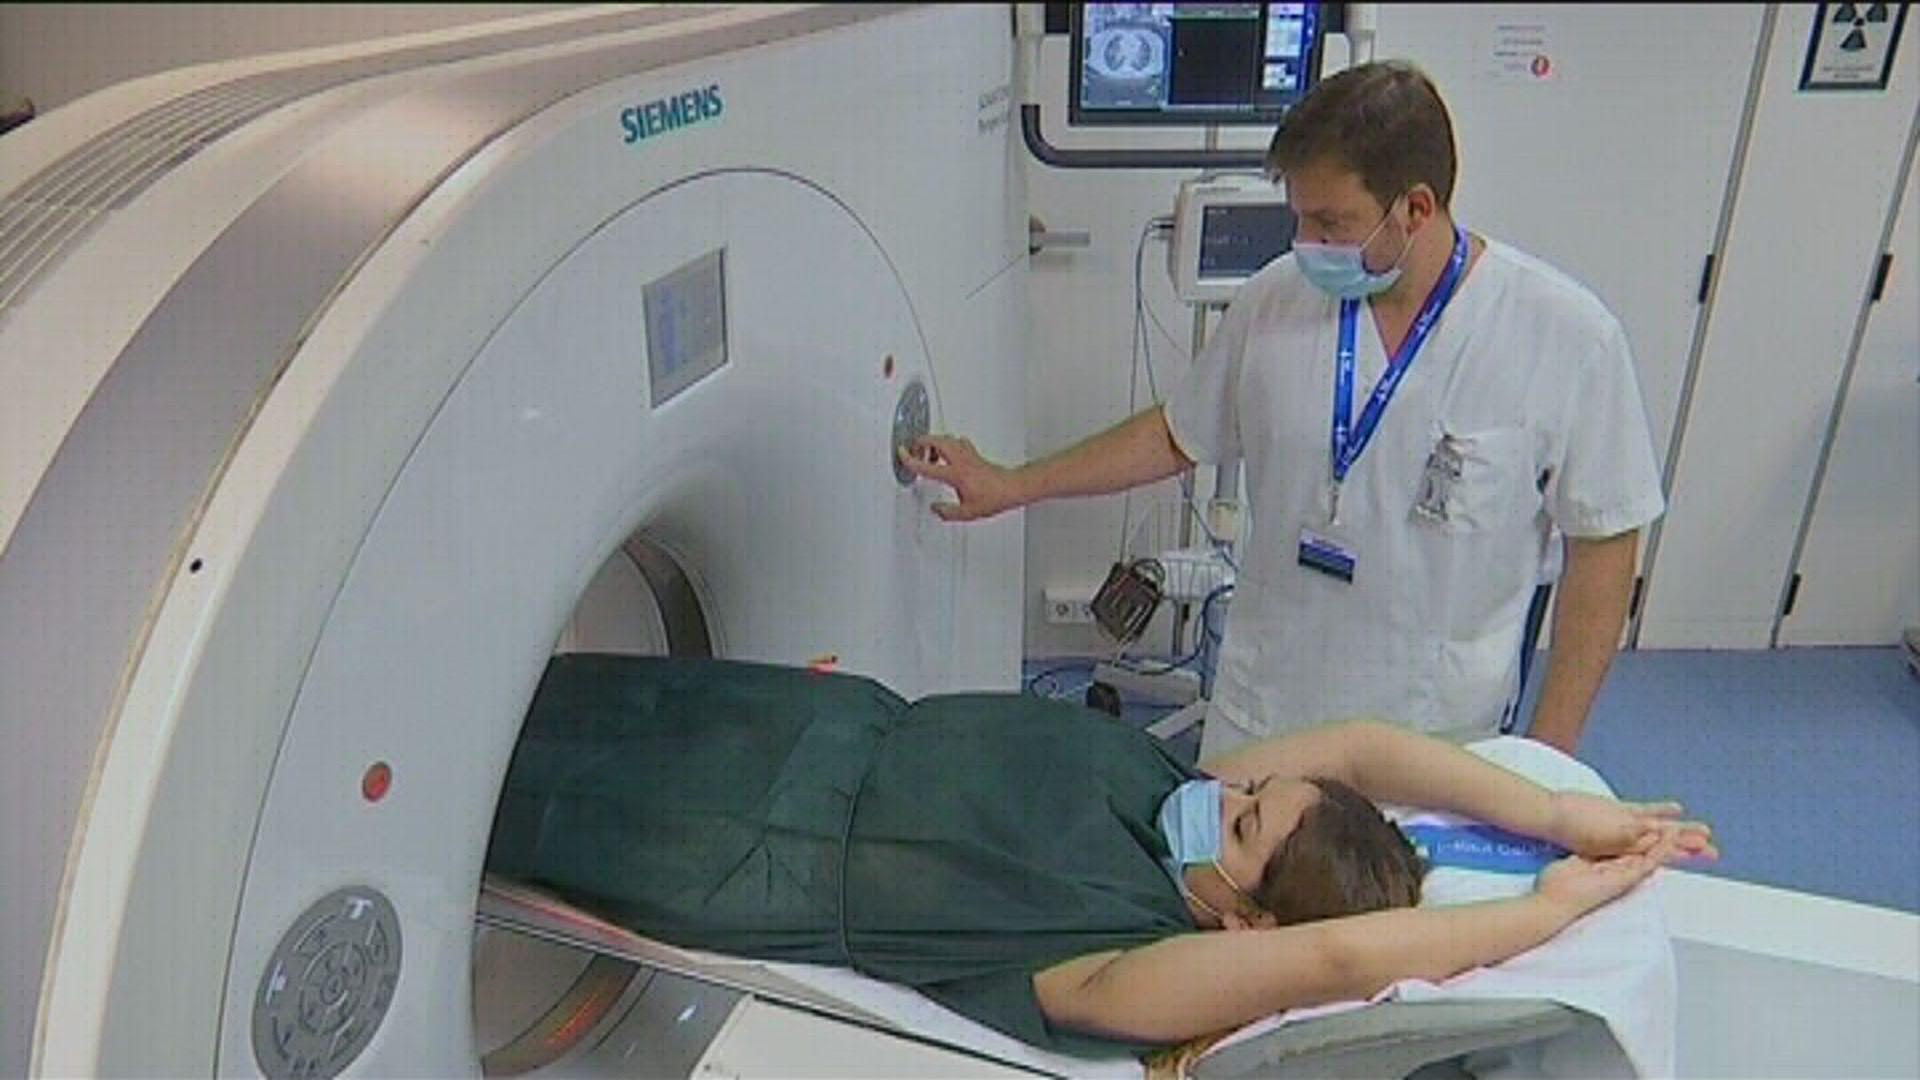 pacient ressonància hospital amb metge